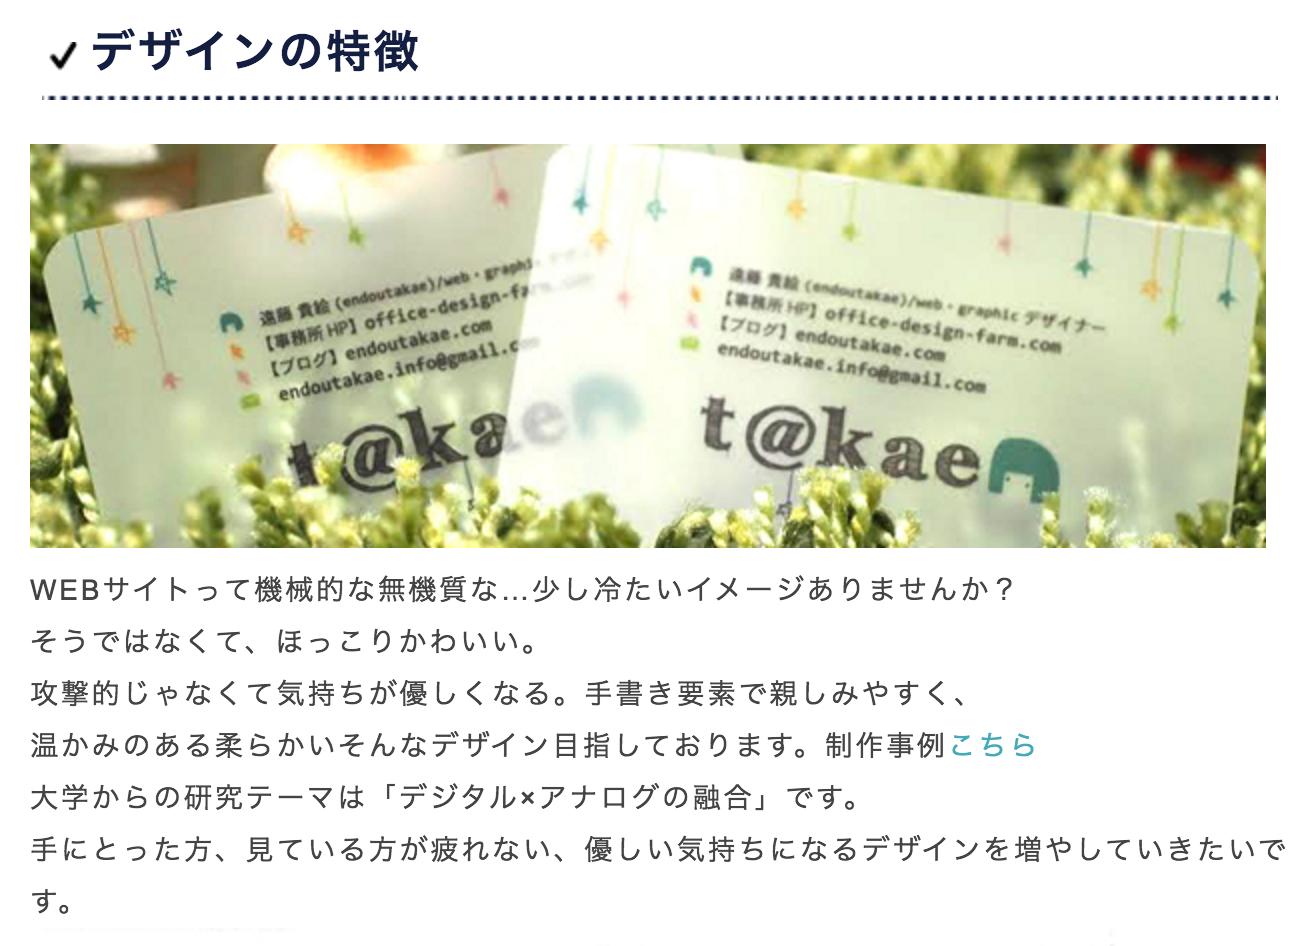 デザインの特徴|オフィスデザインファーム 秋田